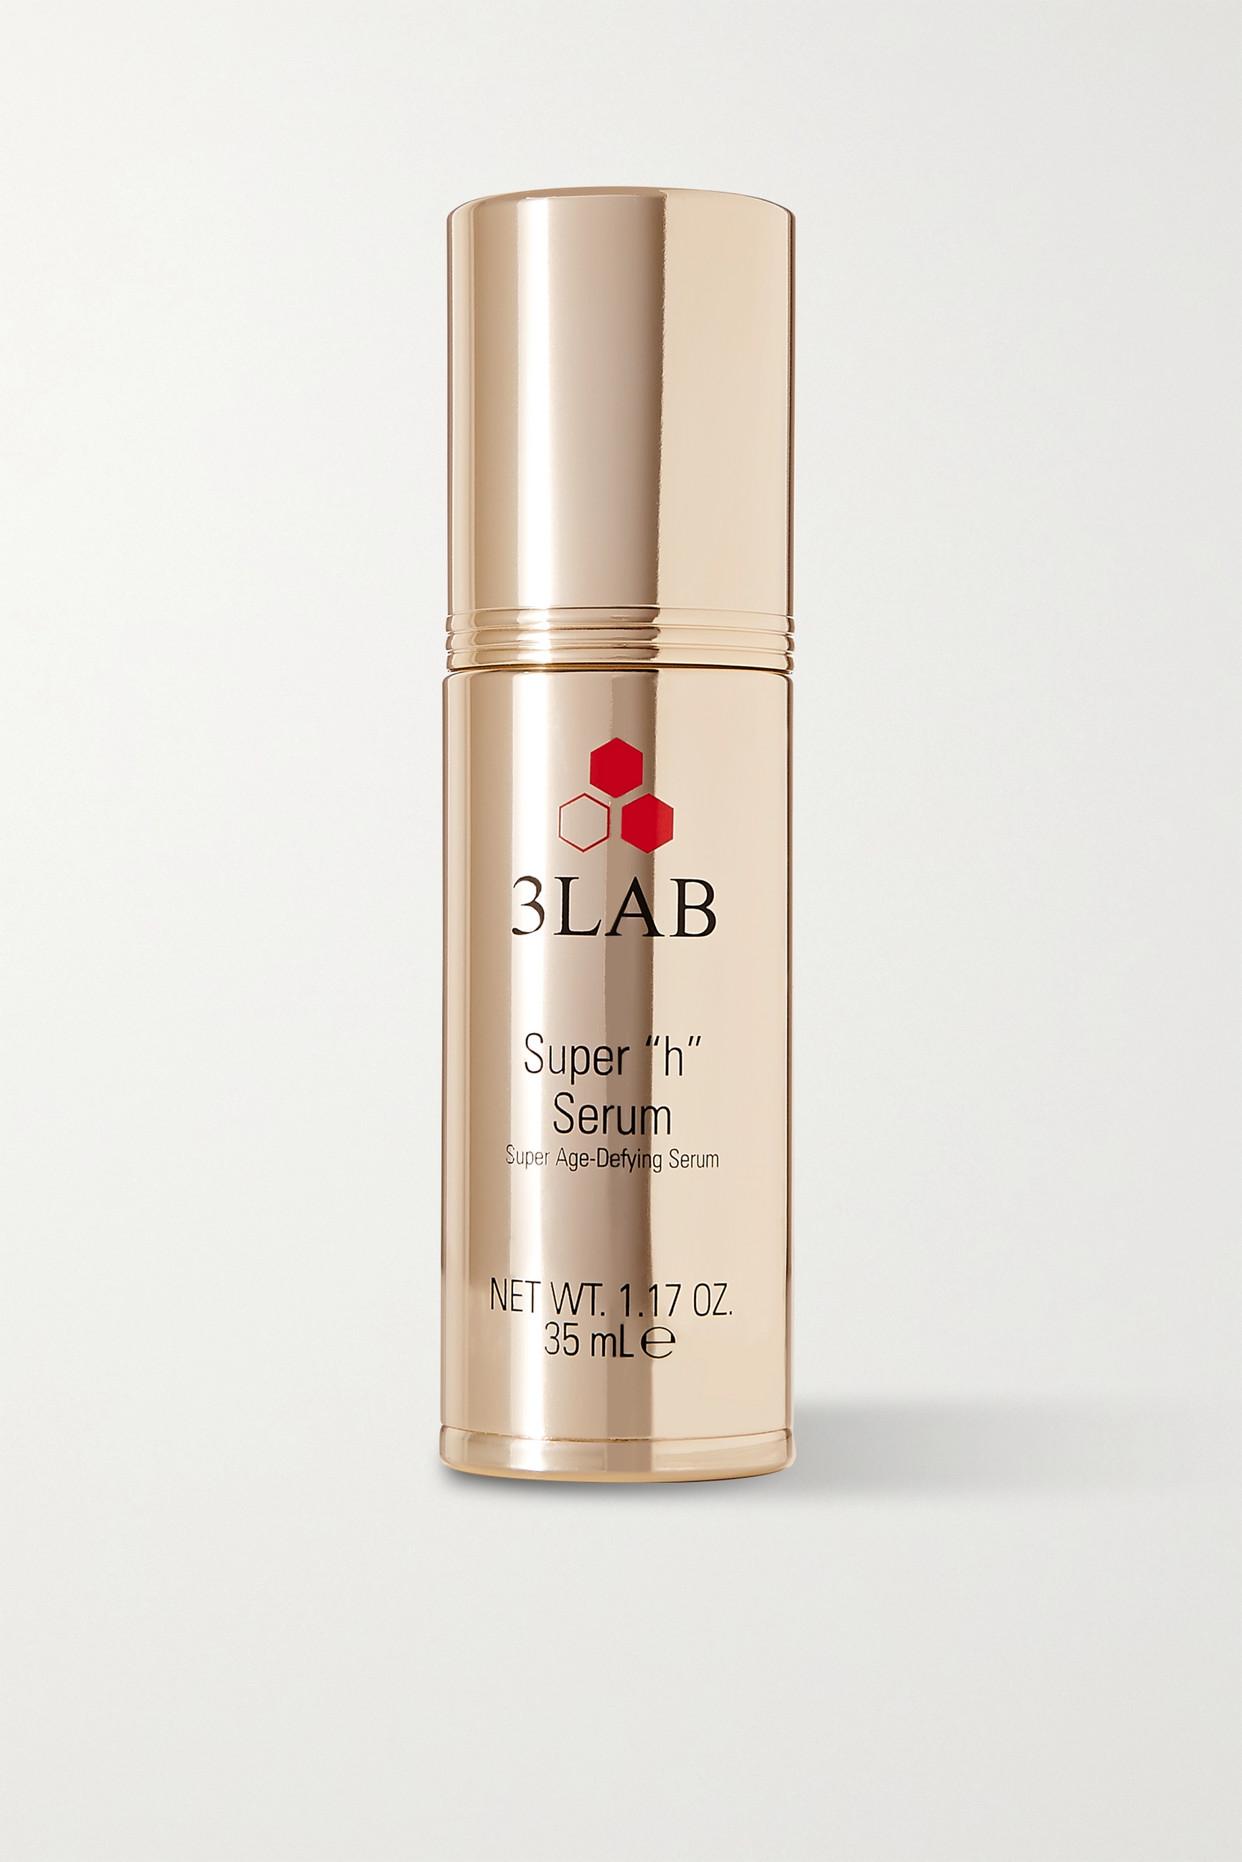 3LAB - Super H Serum, 35ml - one size